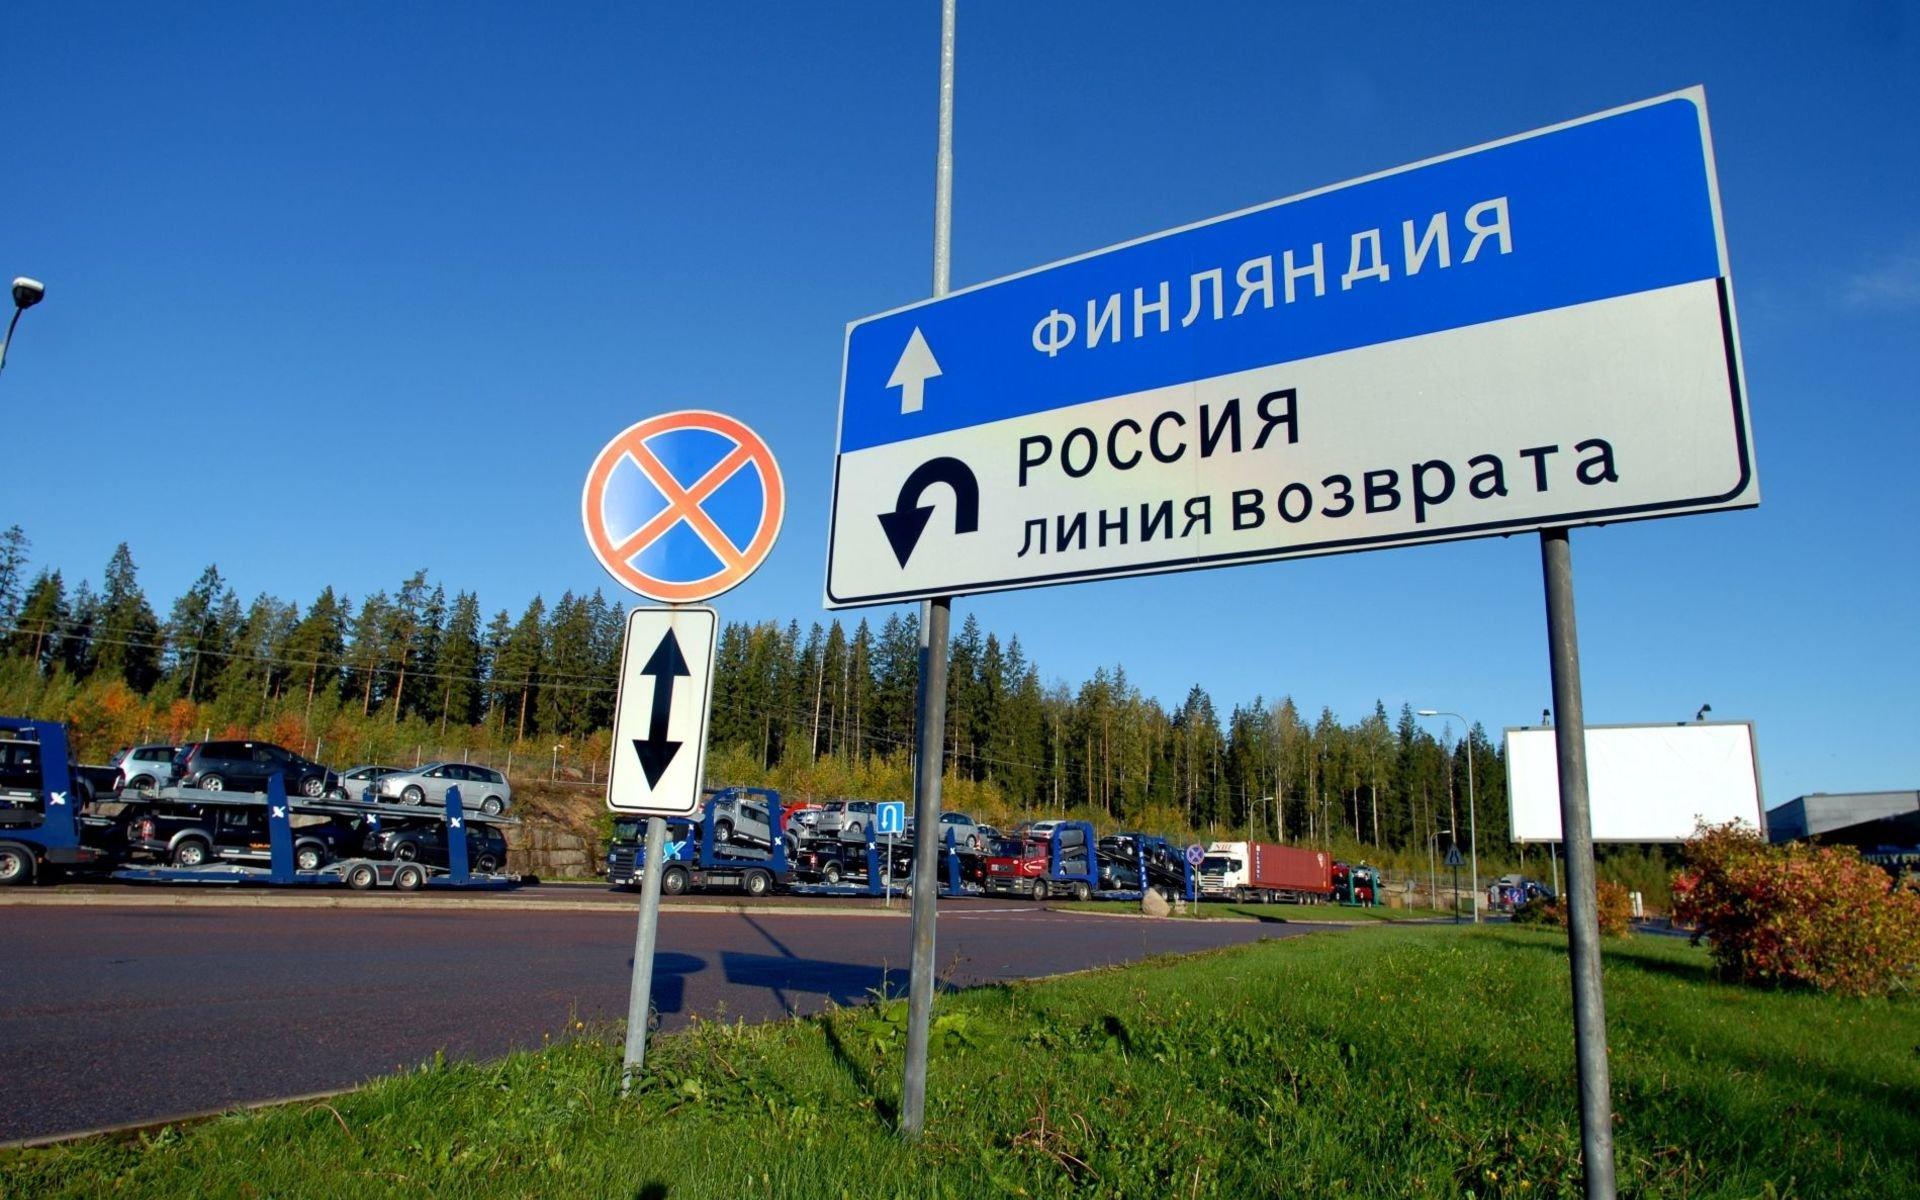 Граница России и Финляндии открыта только для грузового транспорта